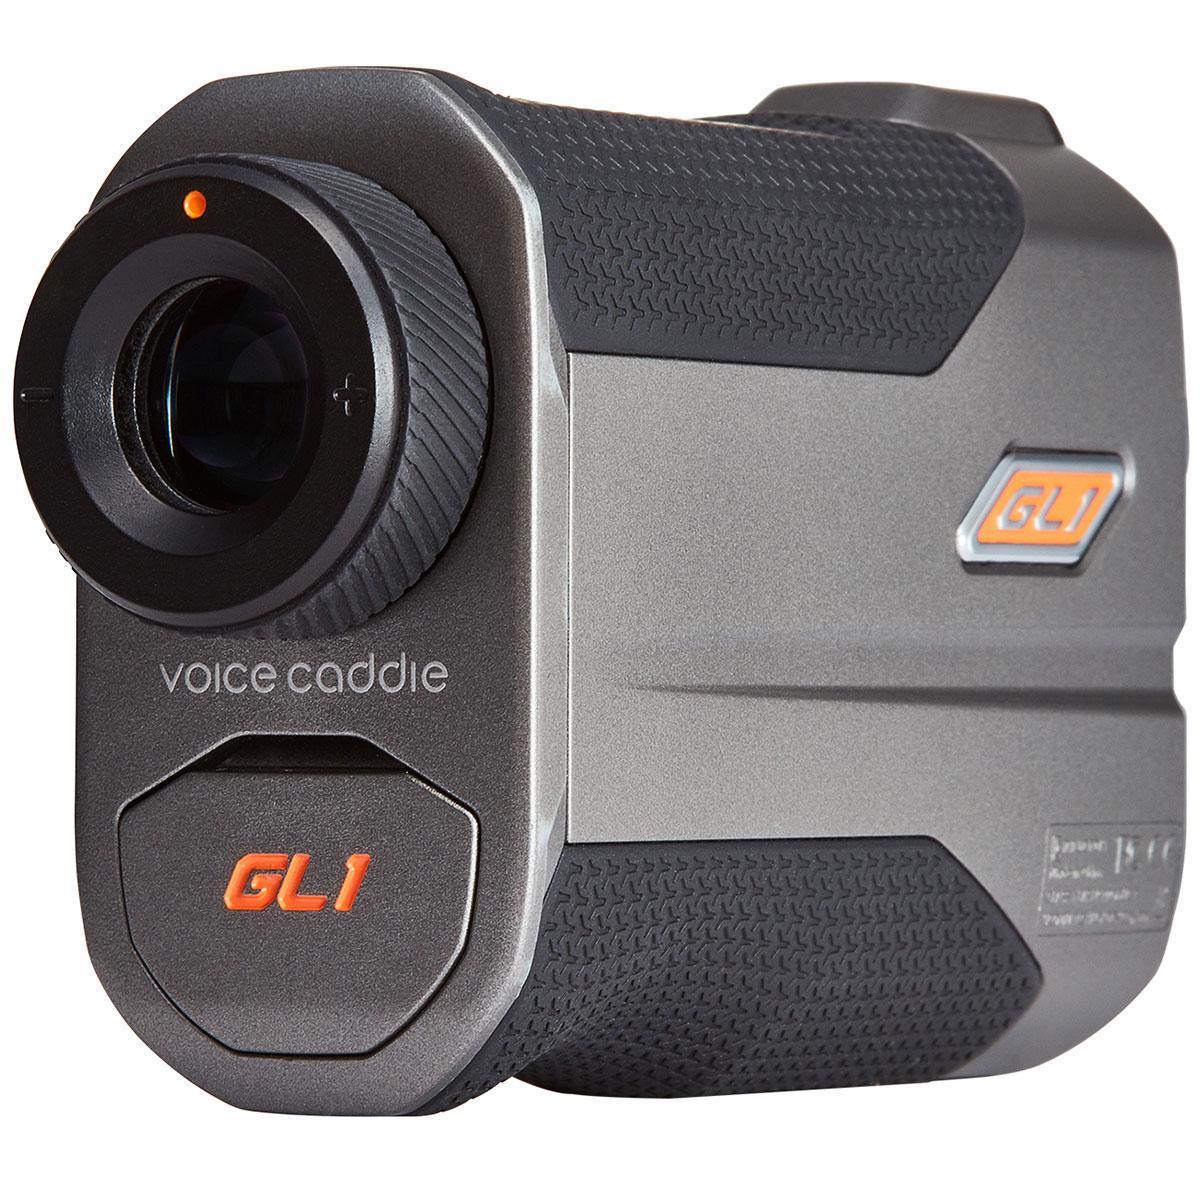 【11/30(土)0時~23時59分まで!最大2400円OFFクーポン配布♪】ボイスキャディ Voice Caddie GL1 GPS搭載 レーザー照準タイプ 距離測定器